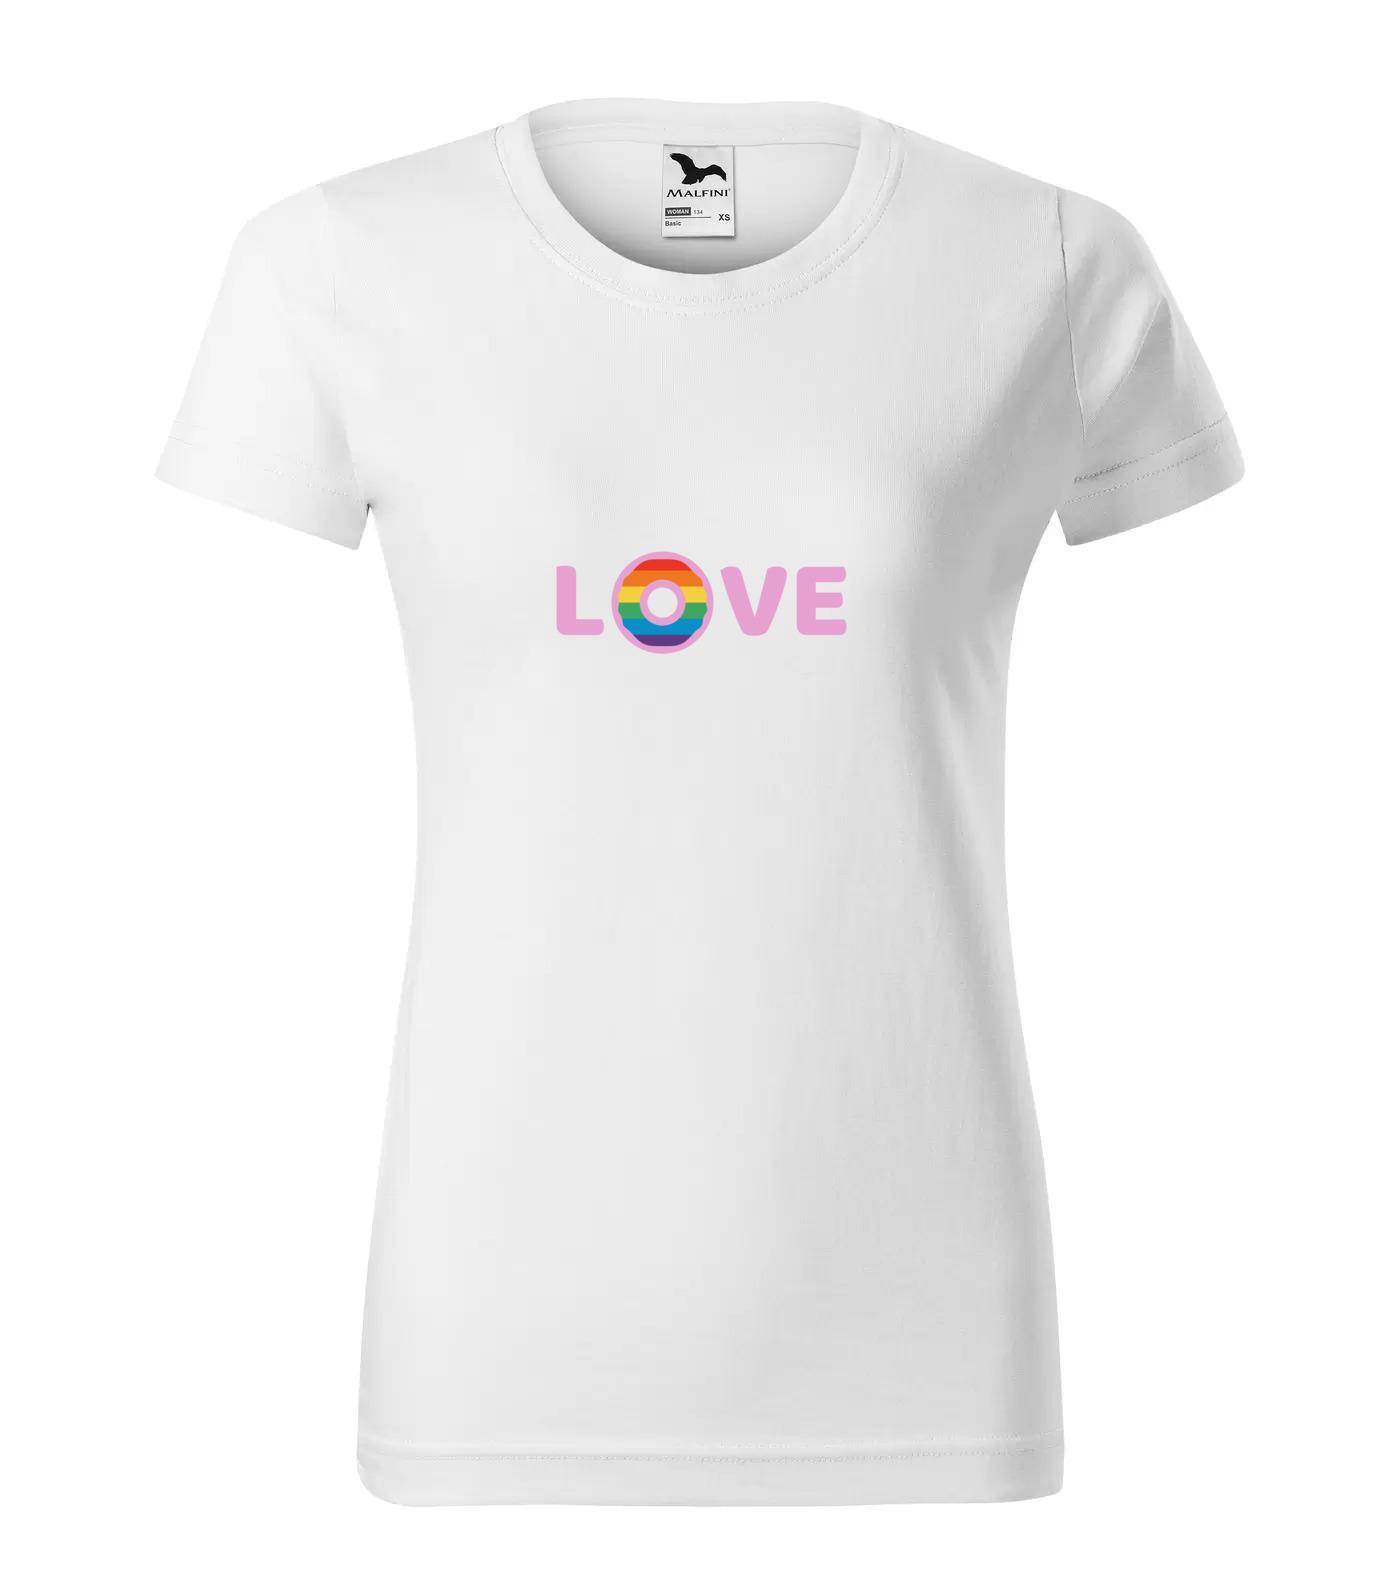 Tričko LGBT Love